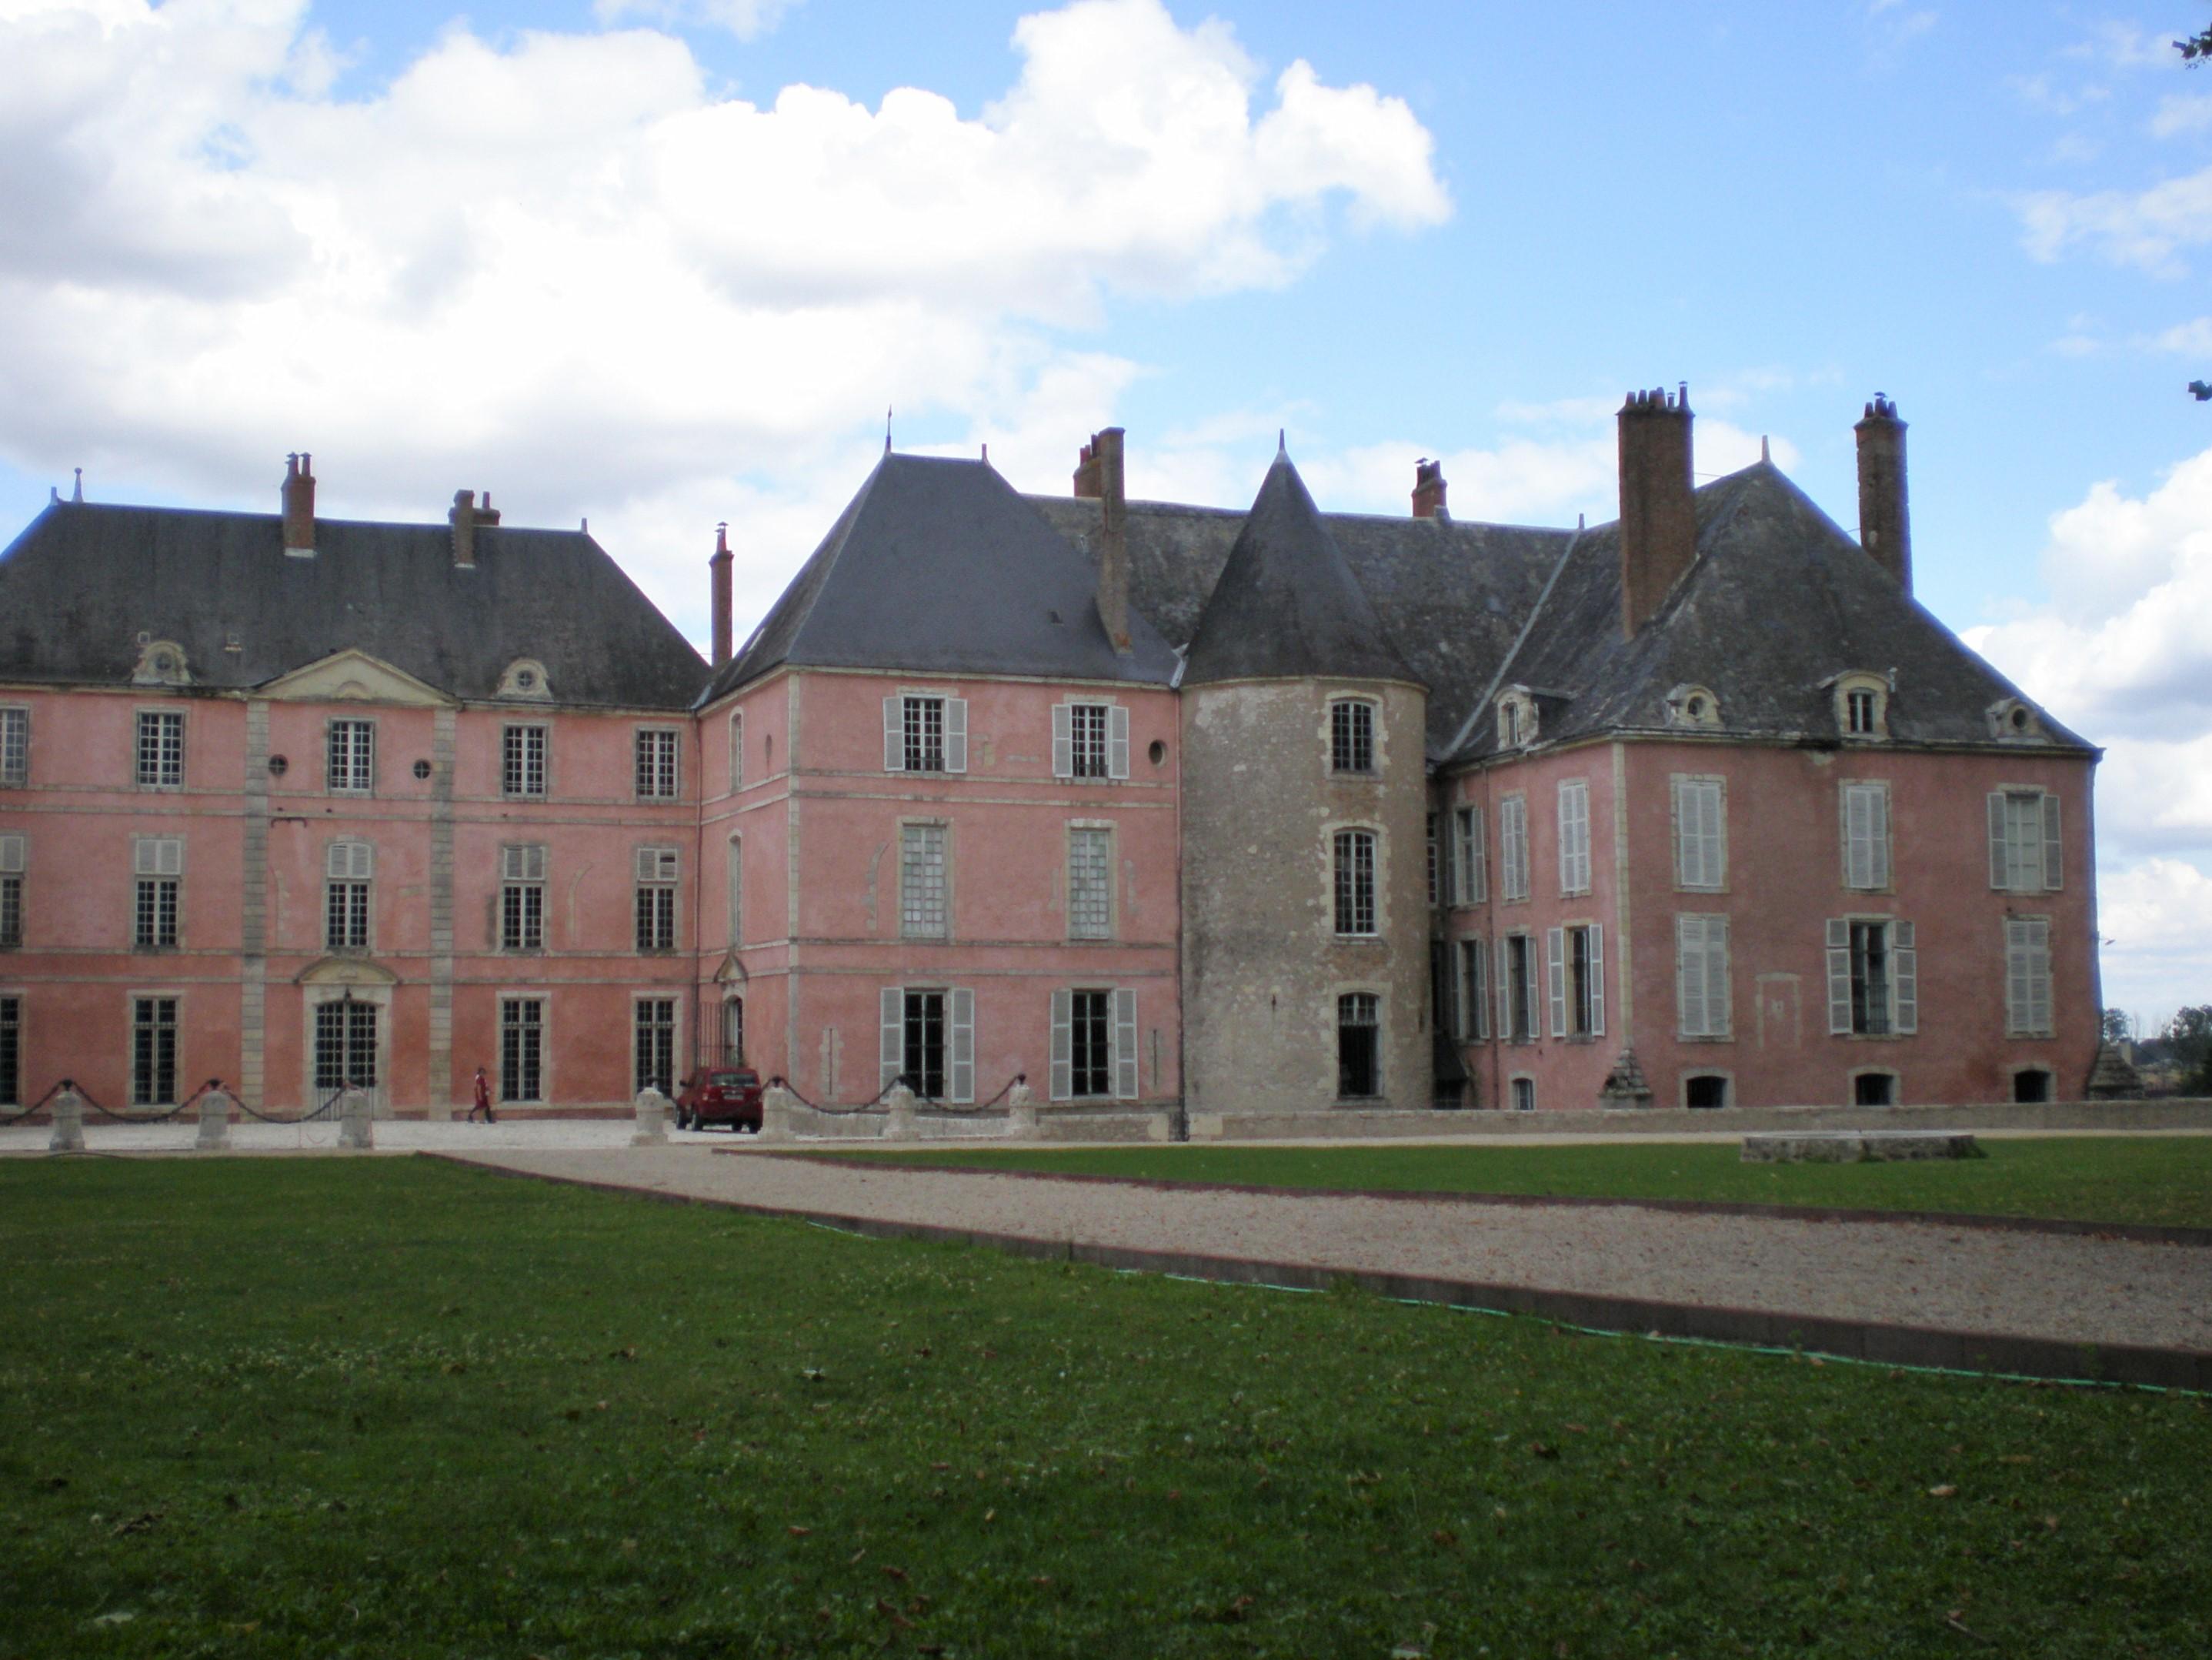 Chateau de meung sur loire wikipedia